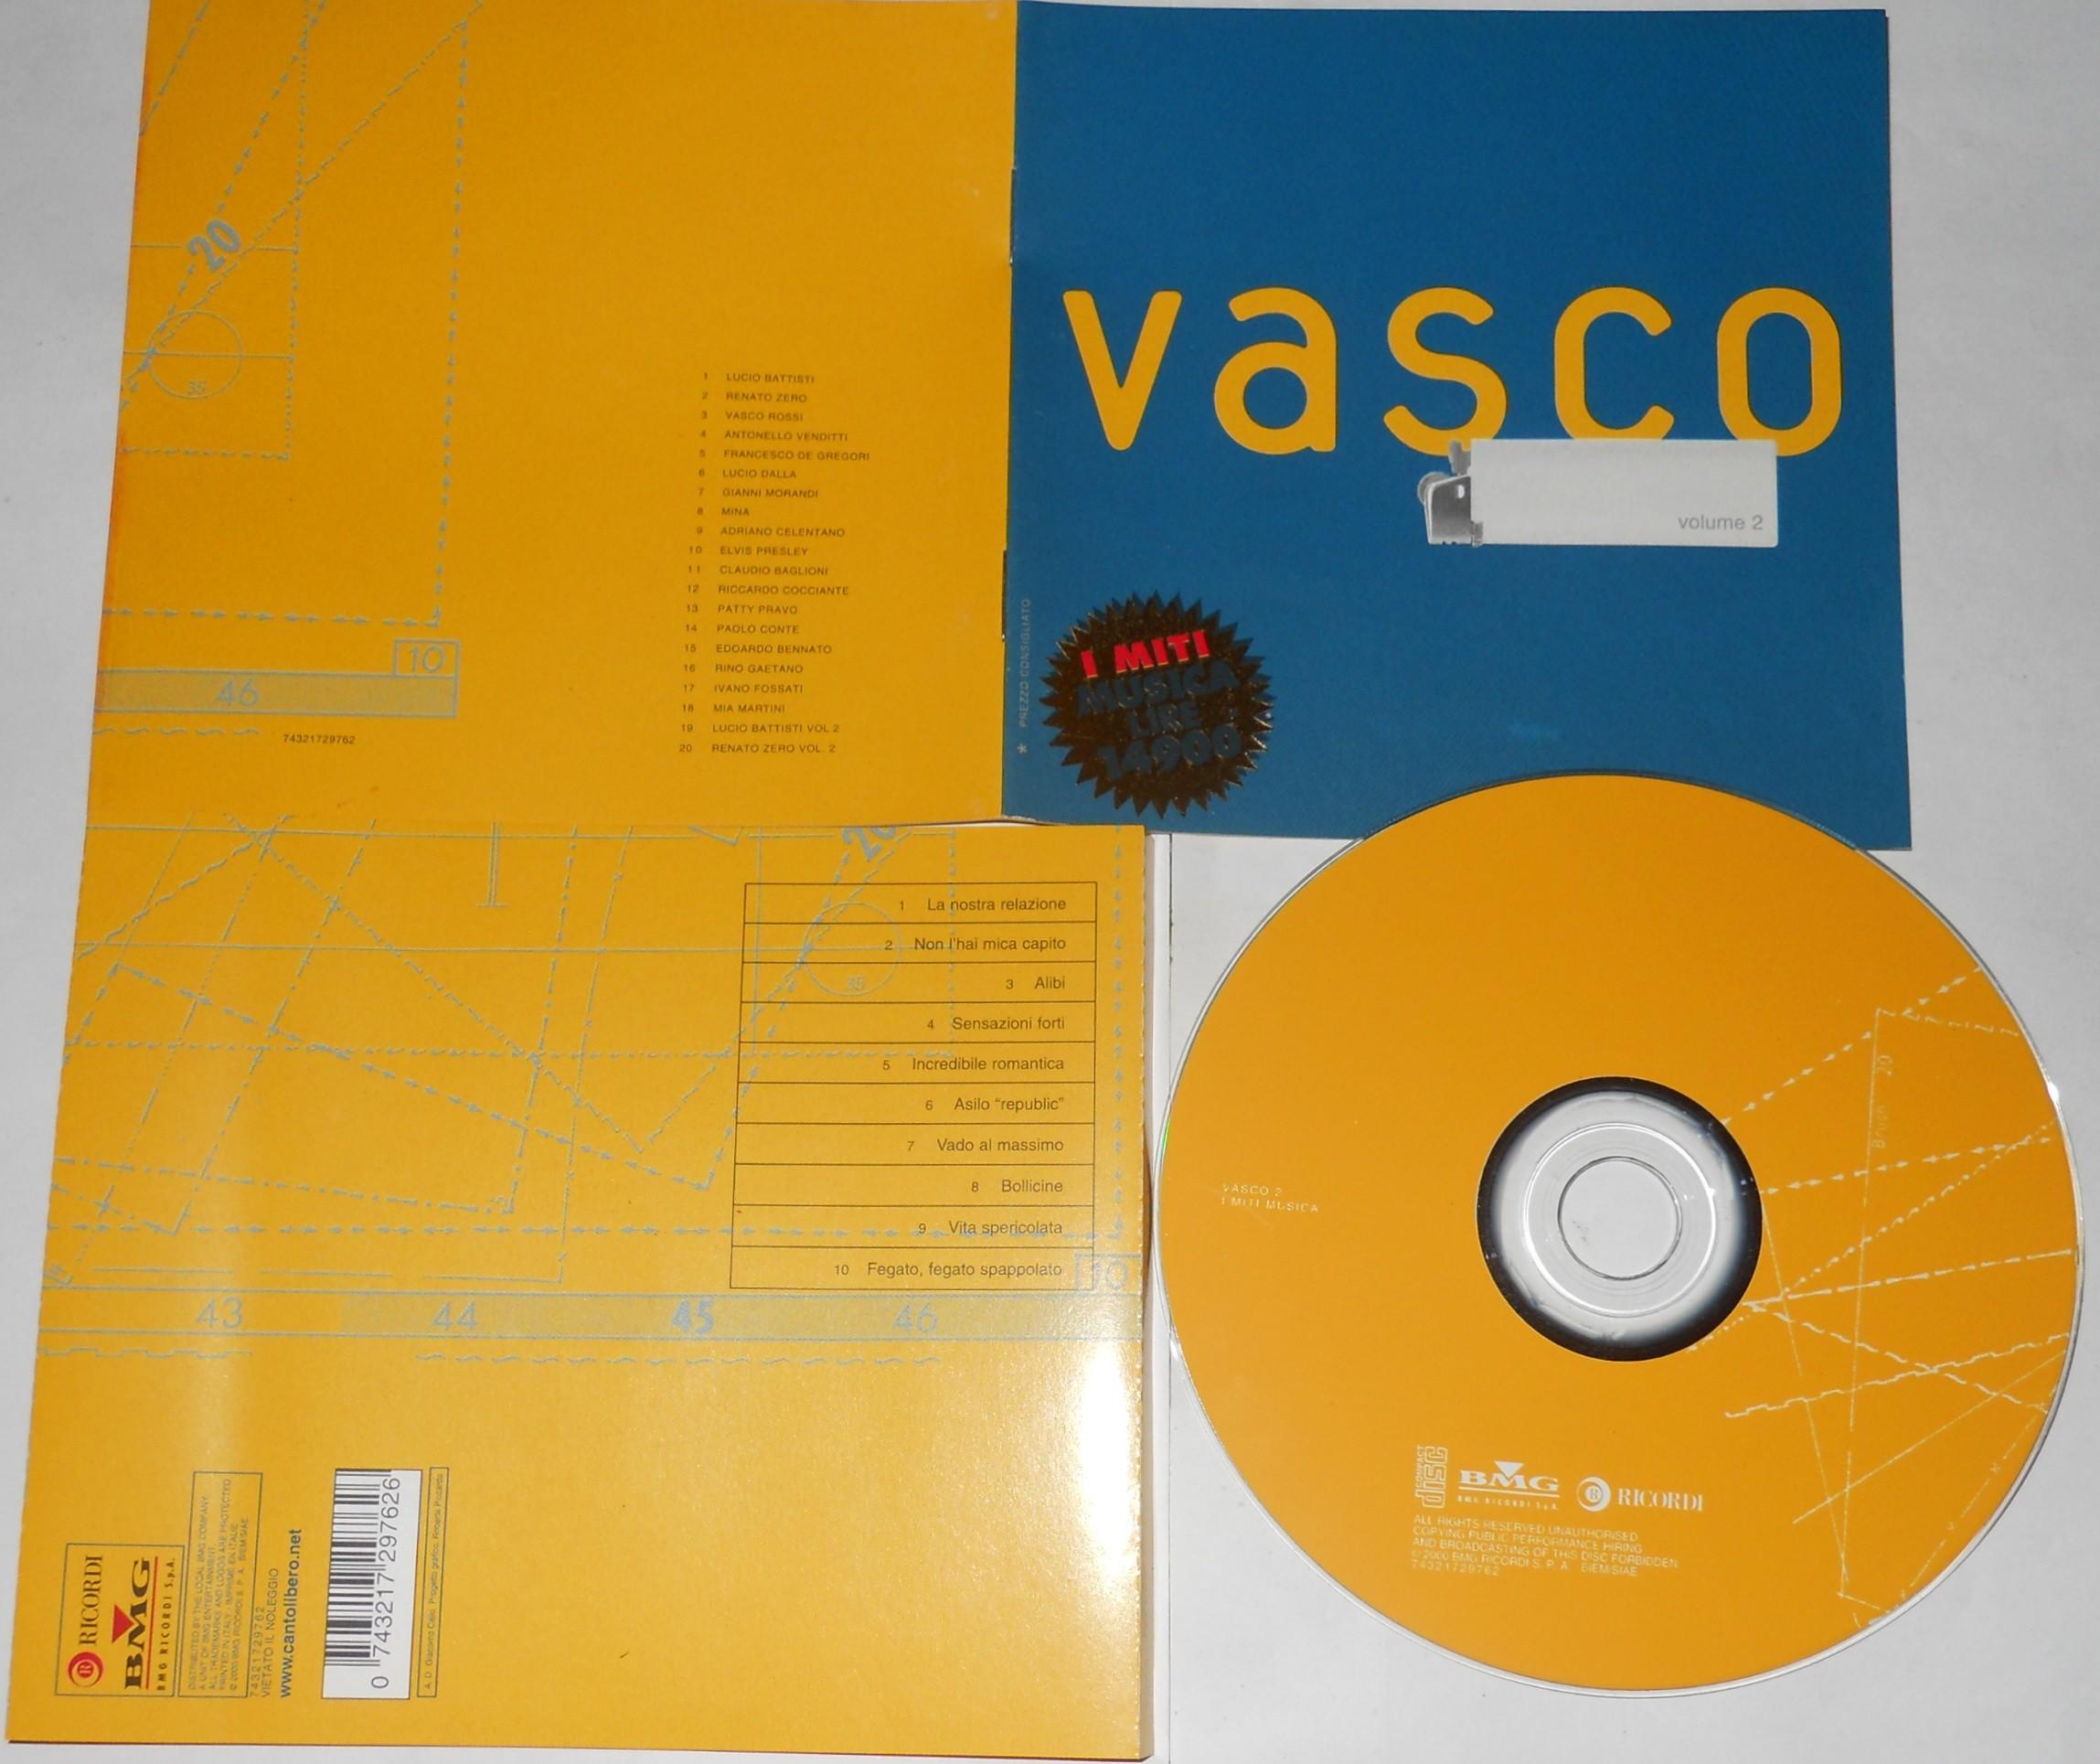 vasco volume 2